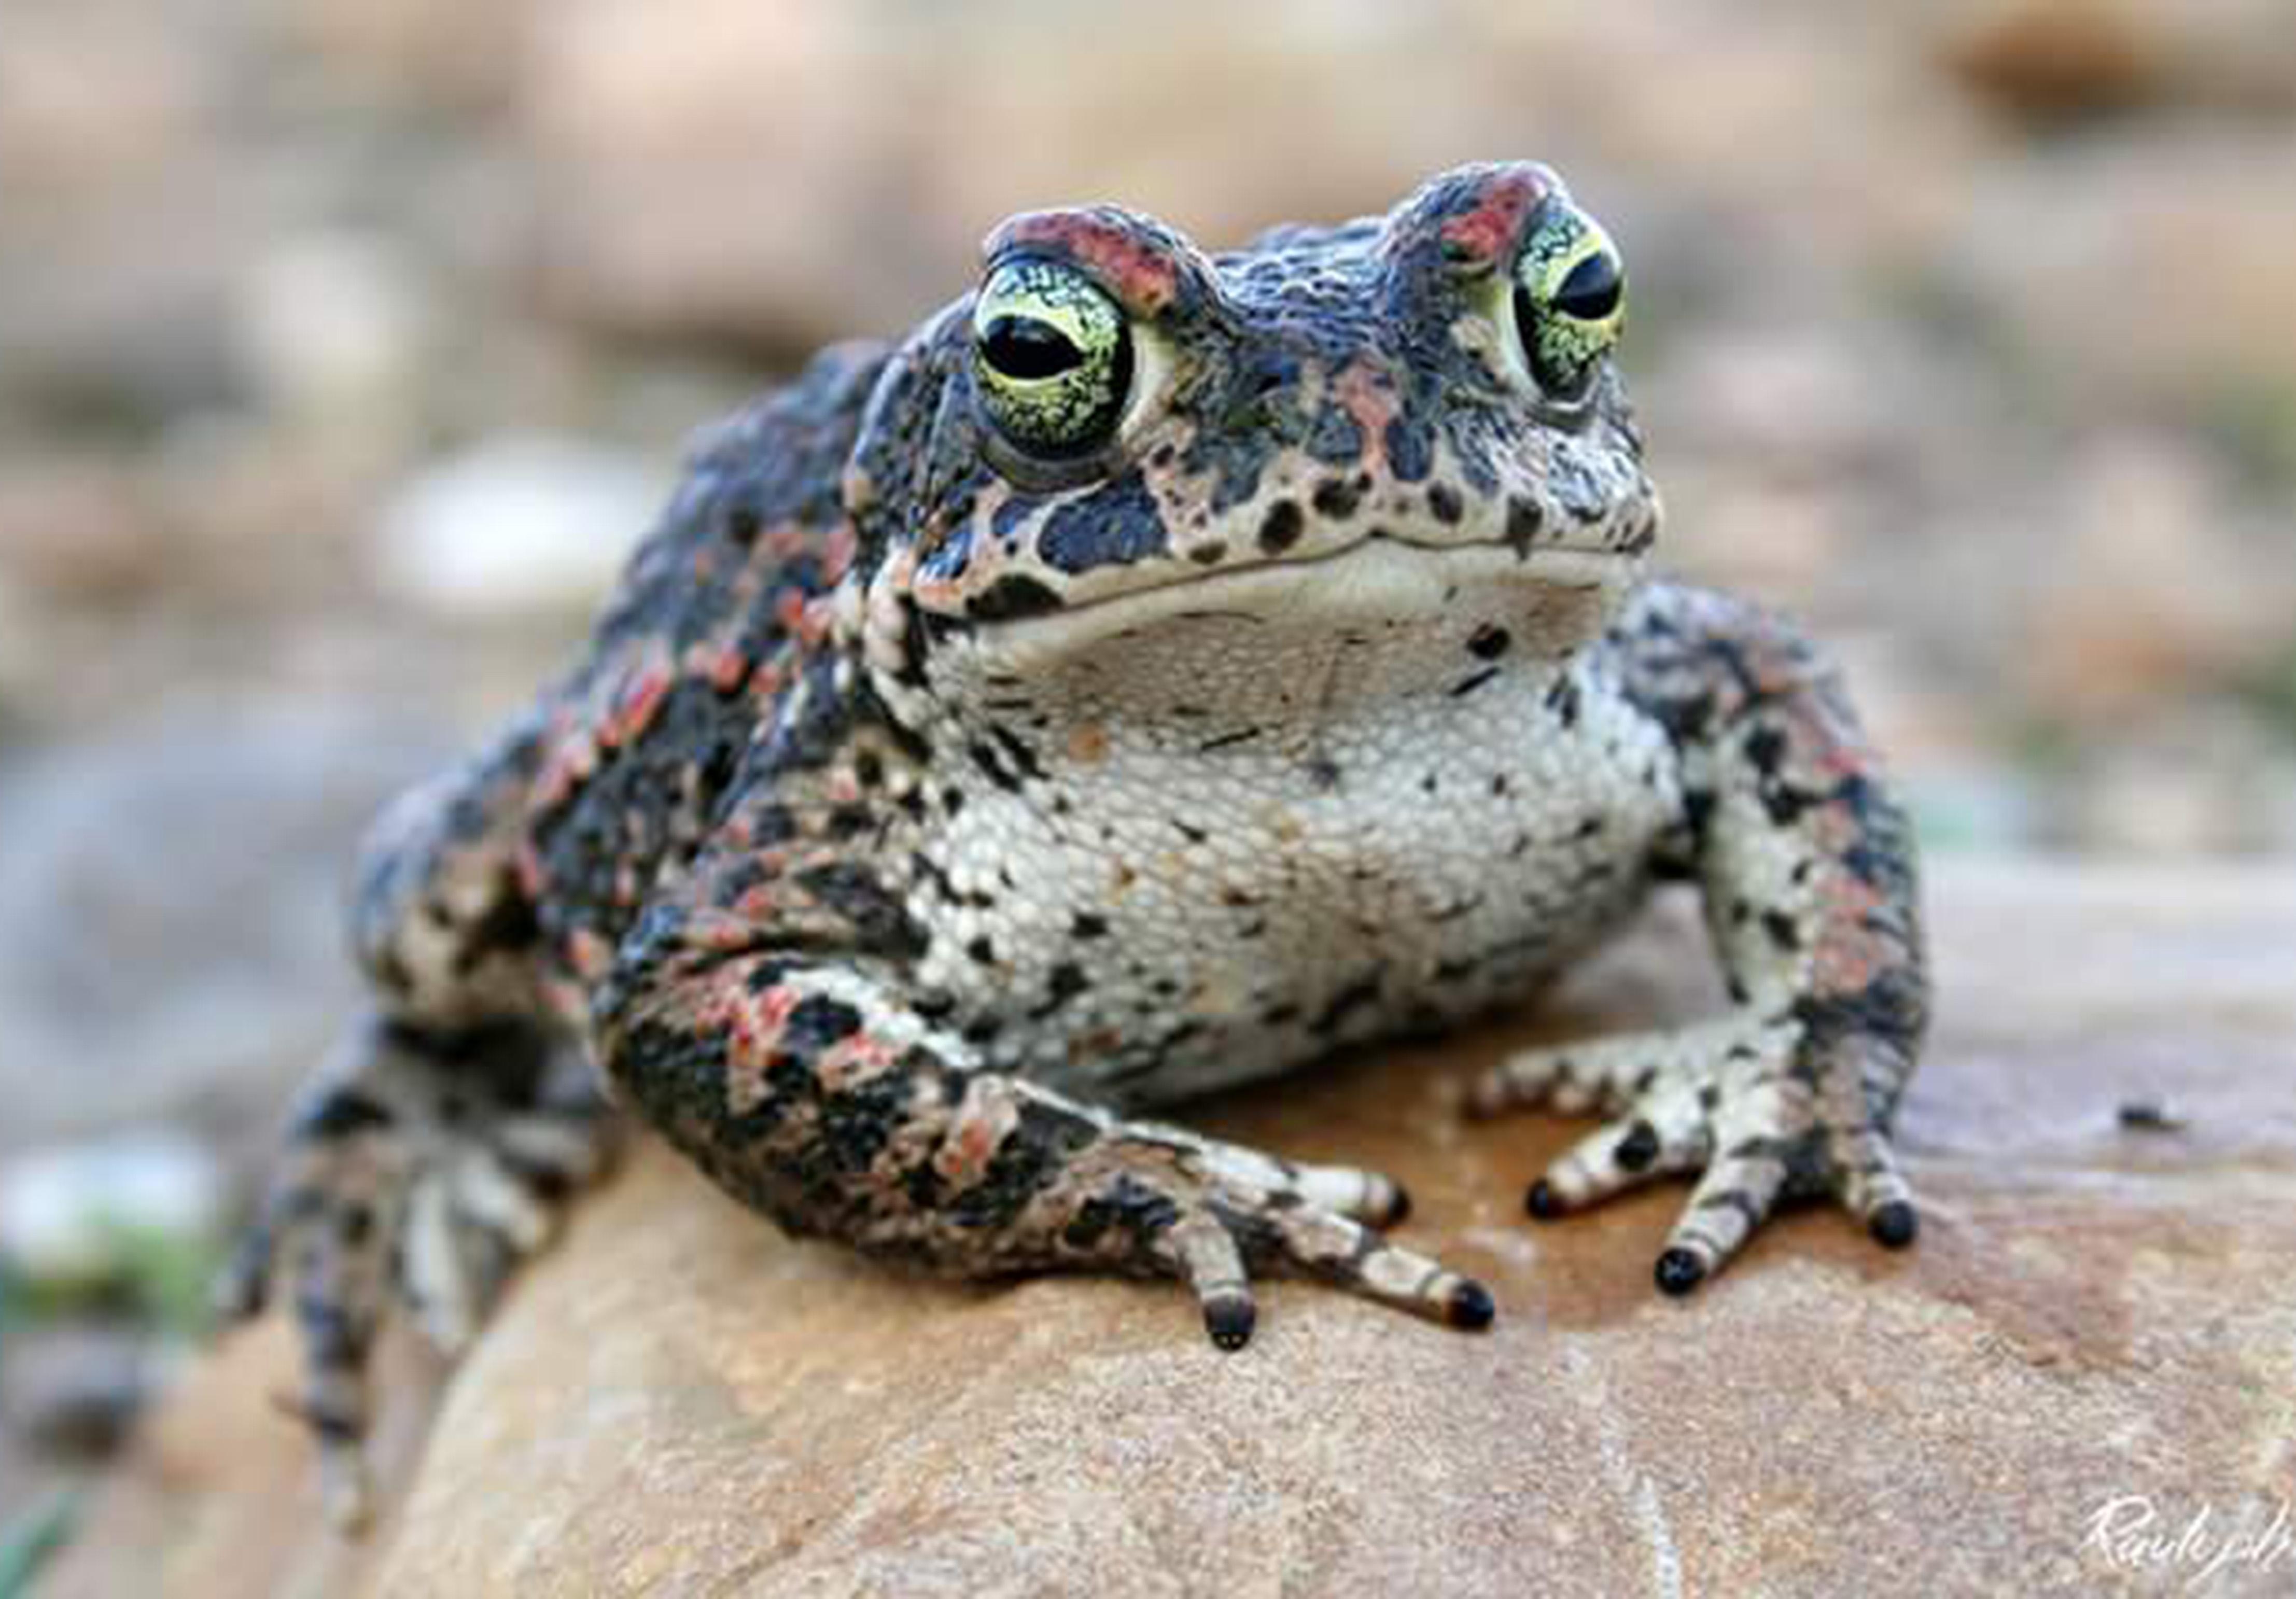 Descoberta origem de sapo que ameaça biodiversidade de Madagáscar - Wilder